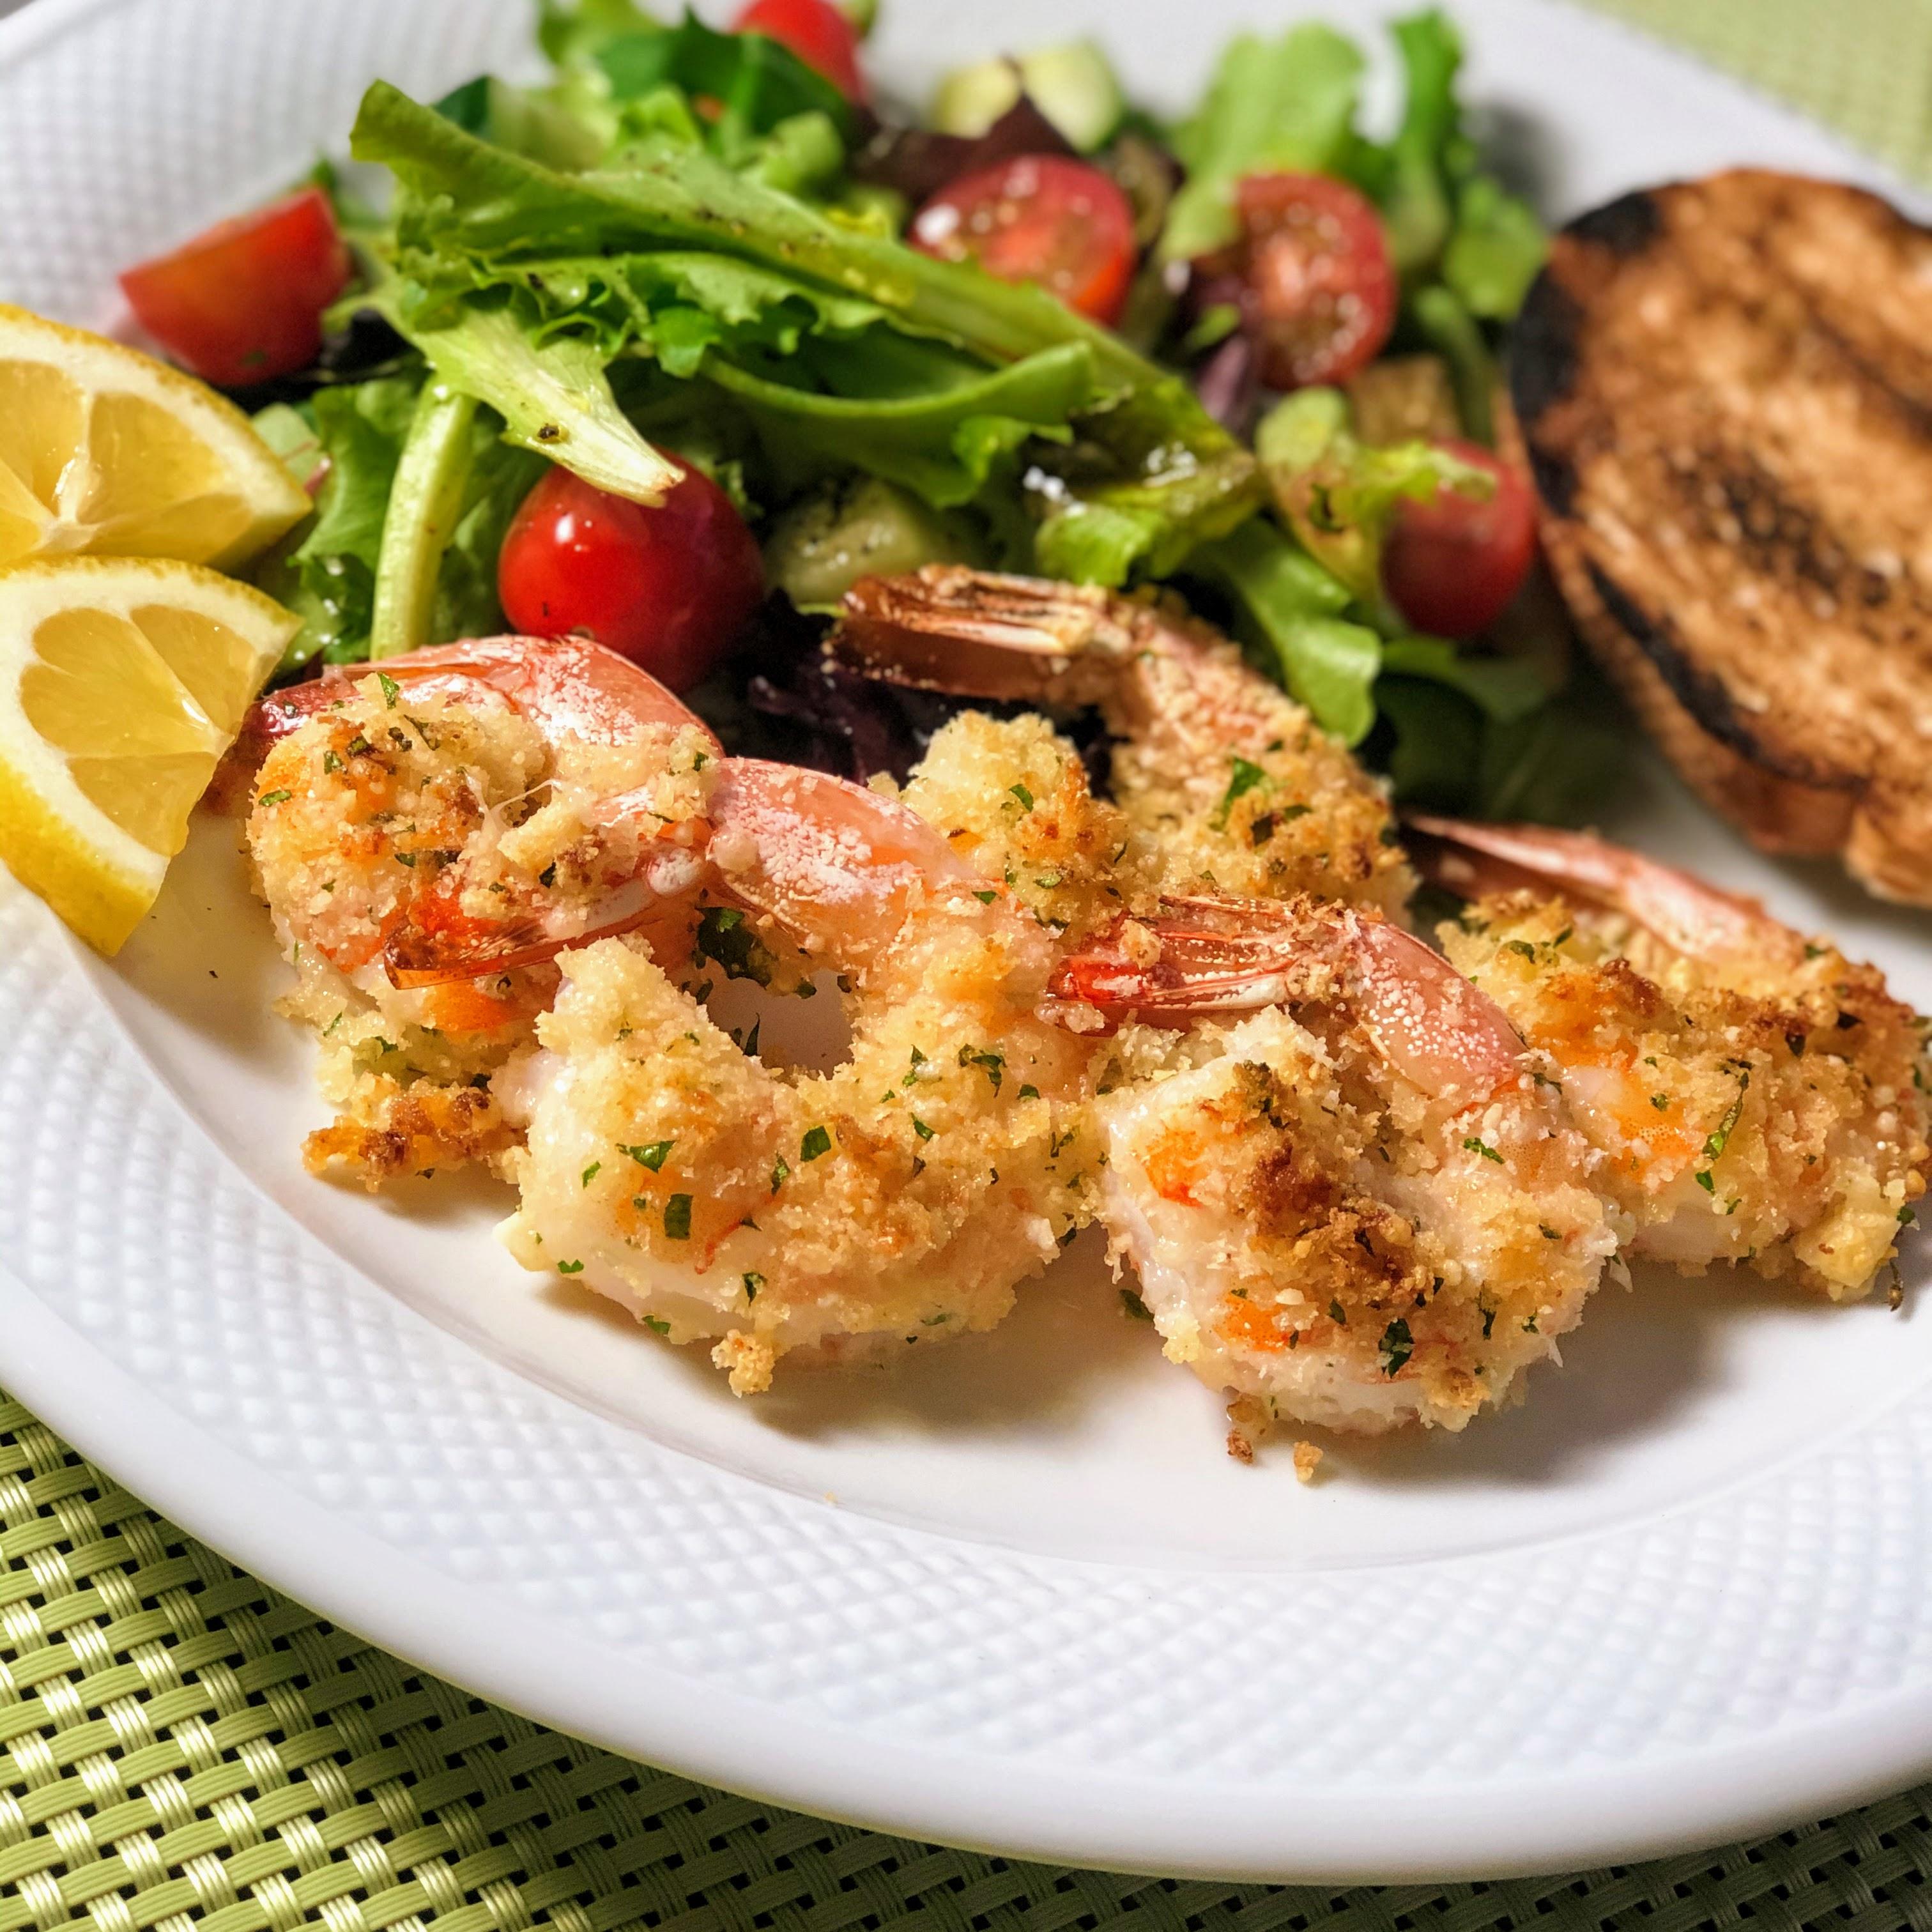 Garlic-Parmesan Shrimp